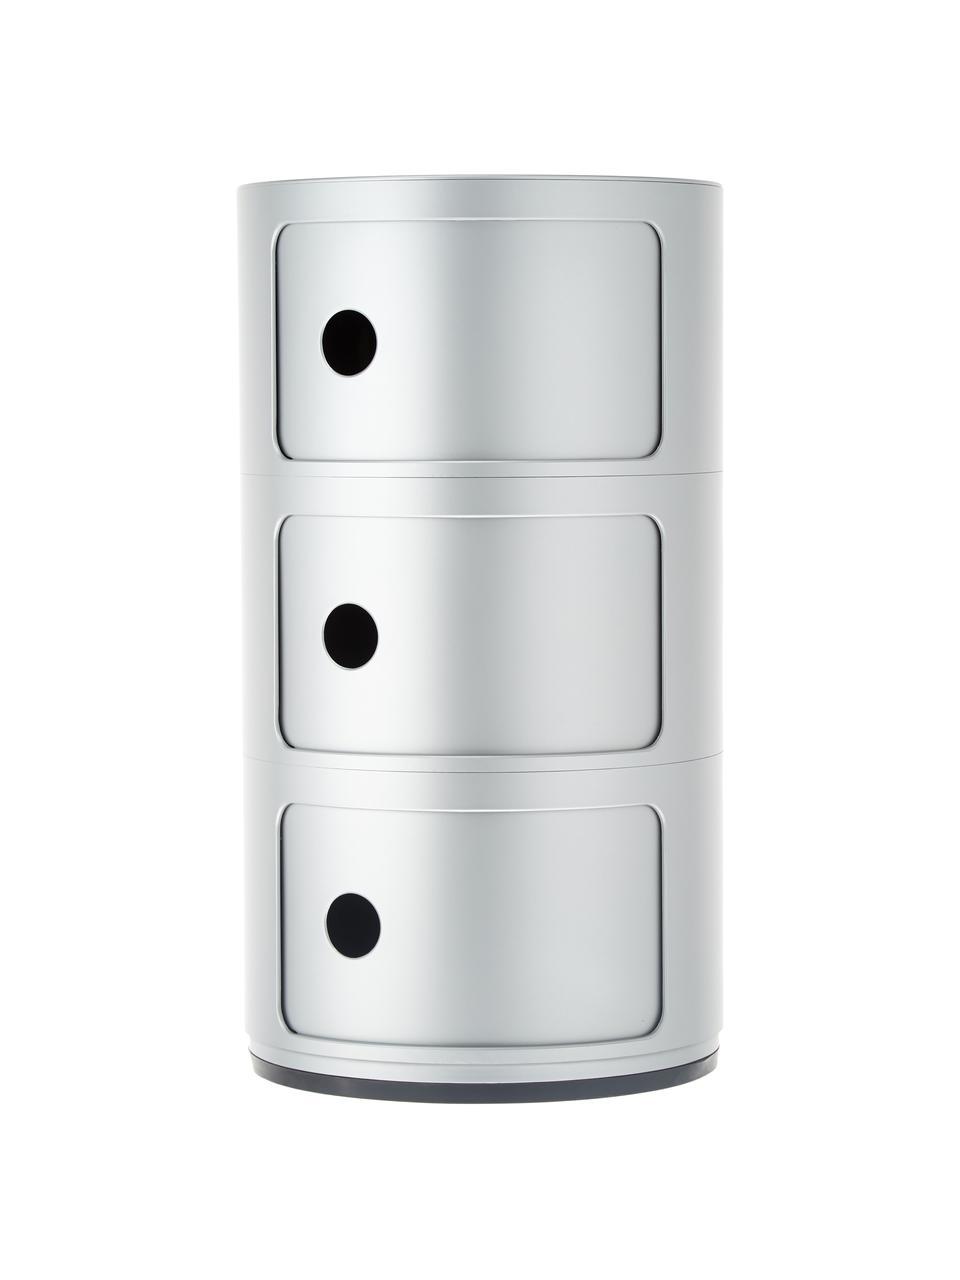 Comodino contenitore di design con 3 cassetti Componibili, Materiale sintetico (ABS), verniciato, Argentato, Ø 32 x Alt. 59 cm